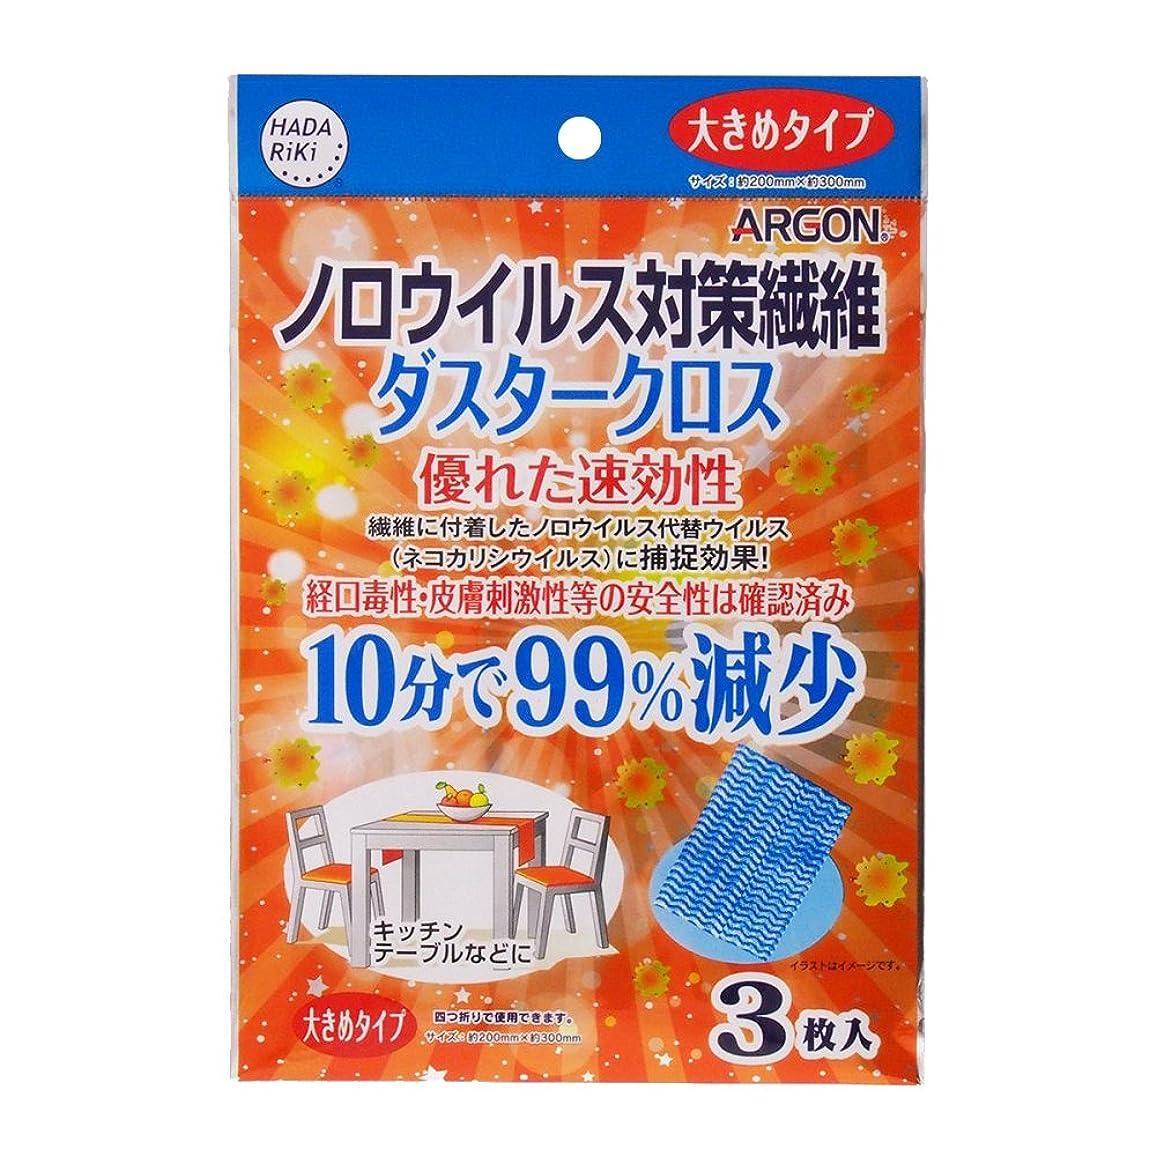 ハンバーガー結晶防止ノロウイルス対策繊維 アルゴンダスタークロス (3枚入)